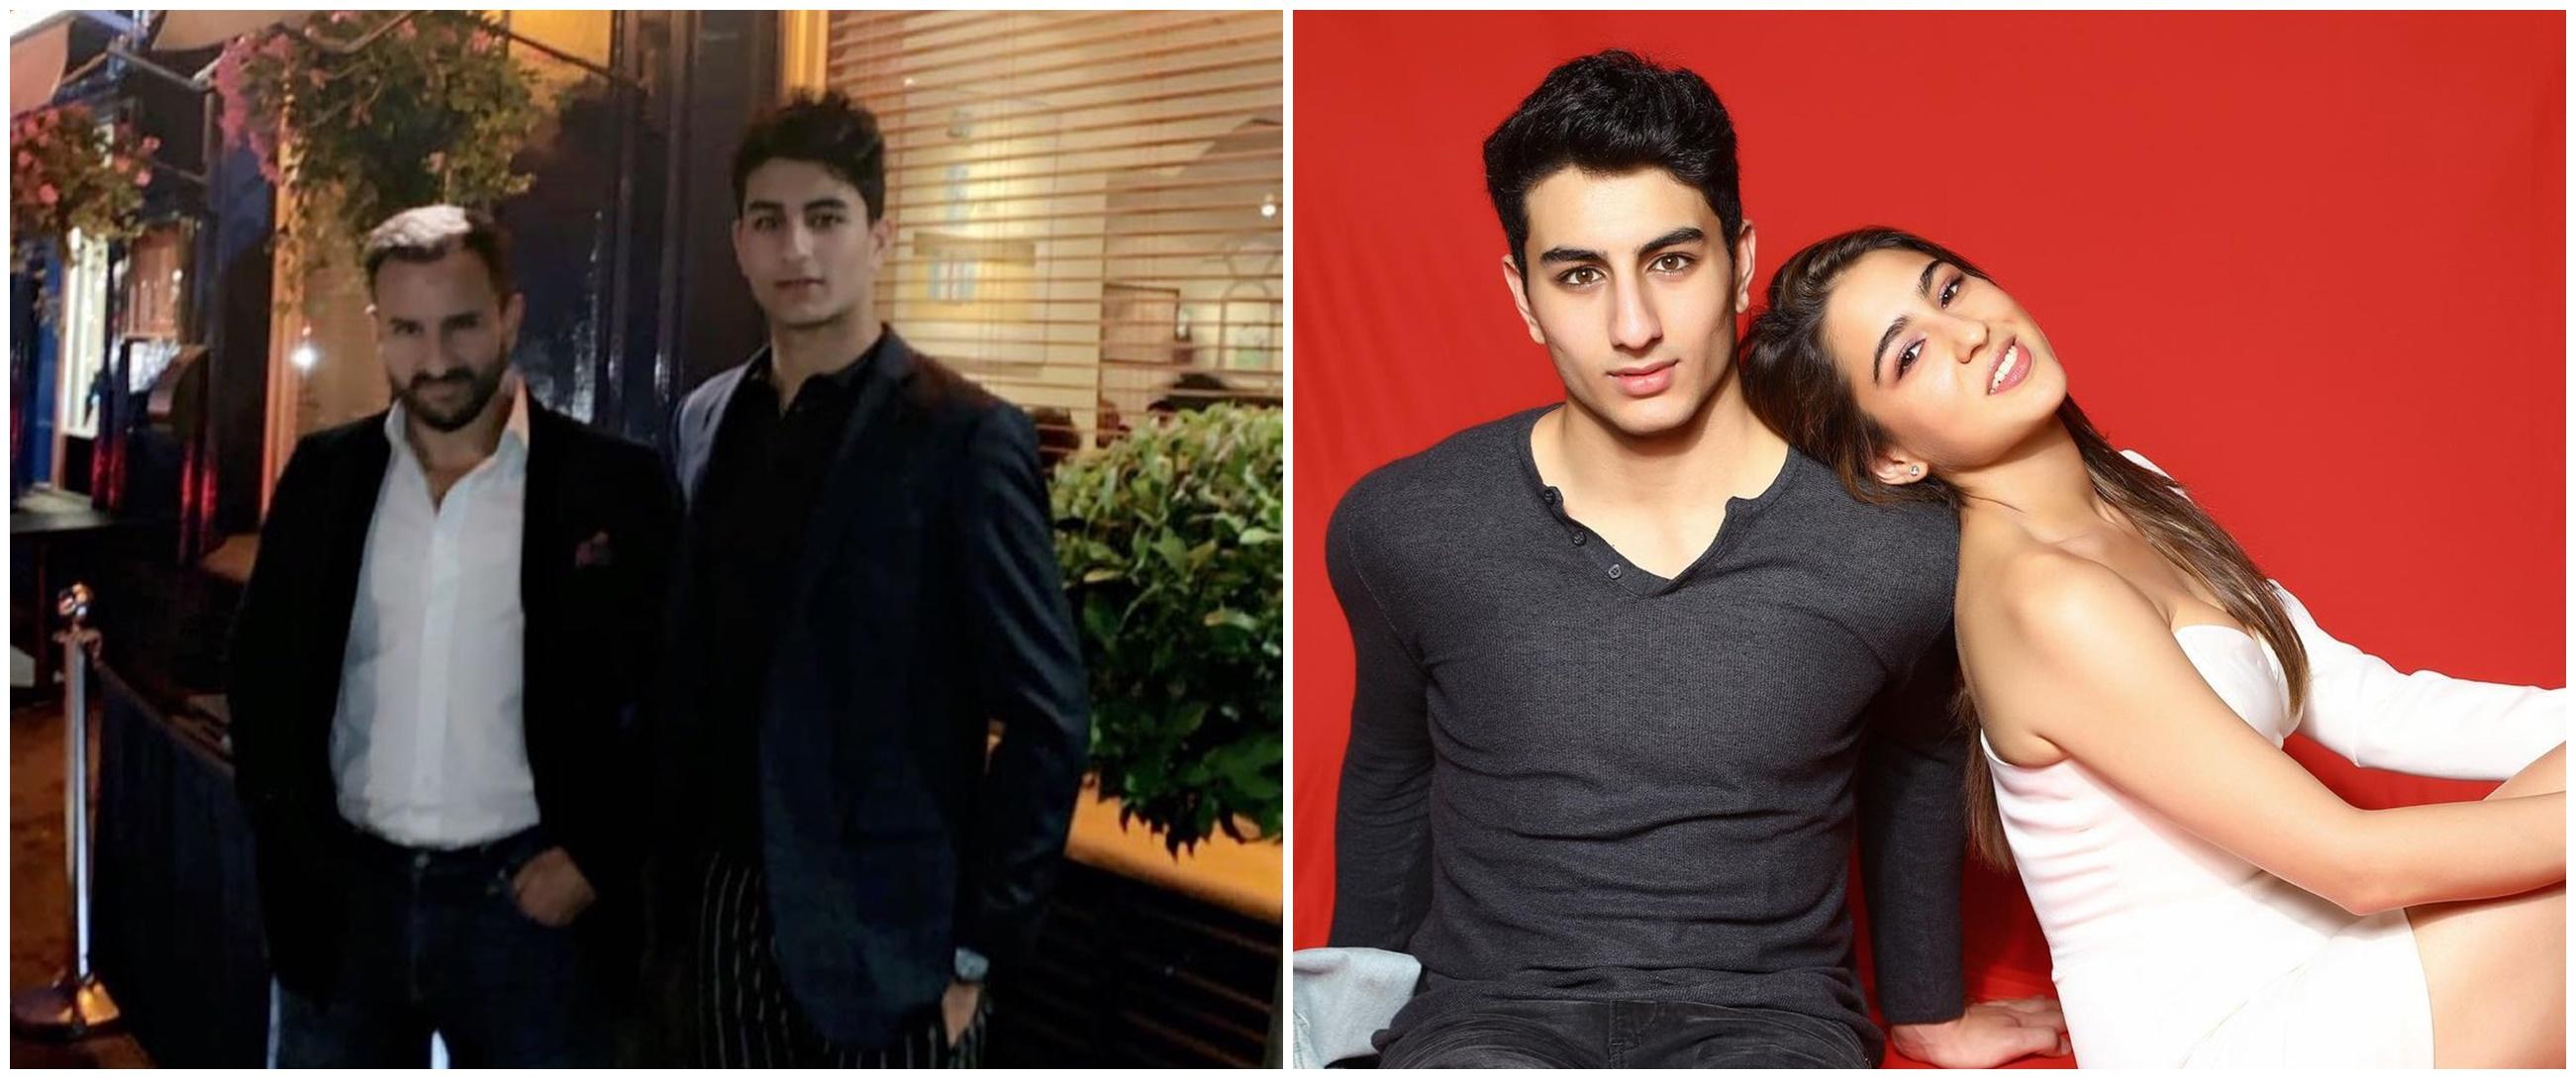 Anaknya ingin jadi aktor, ini syarat Saif Ali Khan untuk Ibrahim